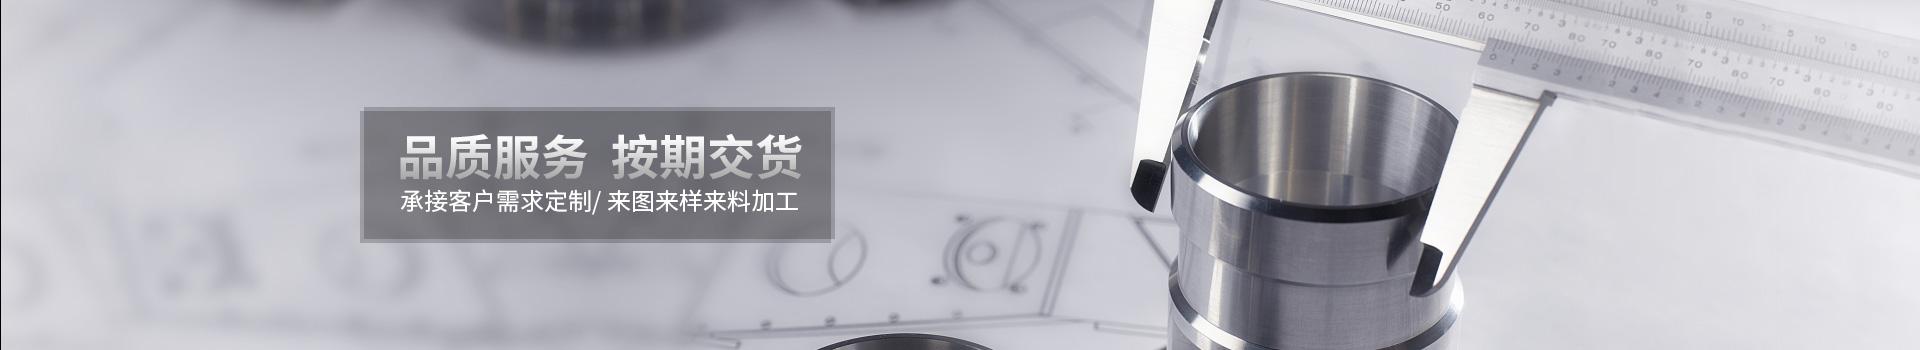 CNC精密机械加工,CNC加工定制,深圳CNC加工厂家——品质服务,按期交货